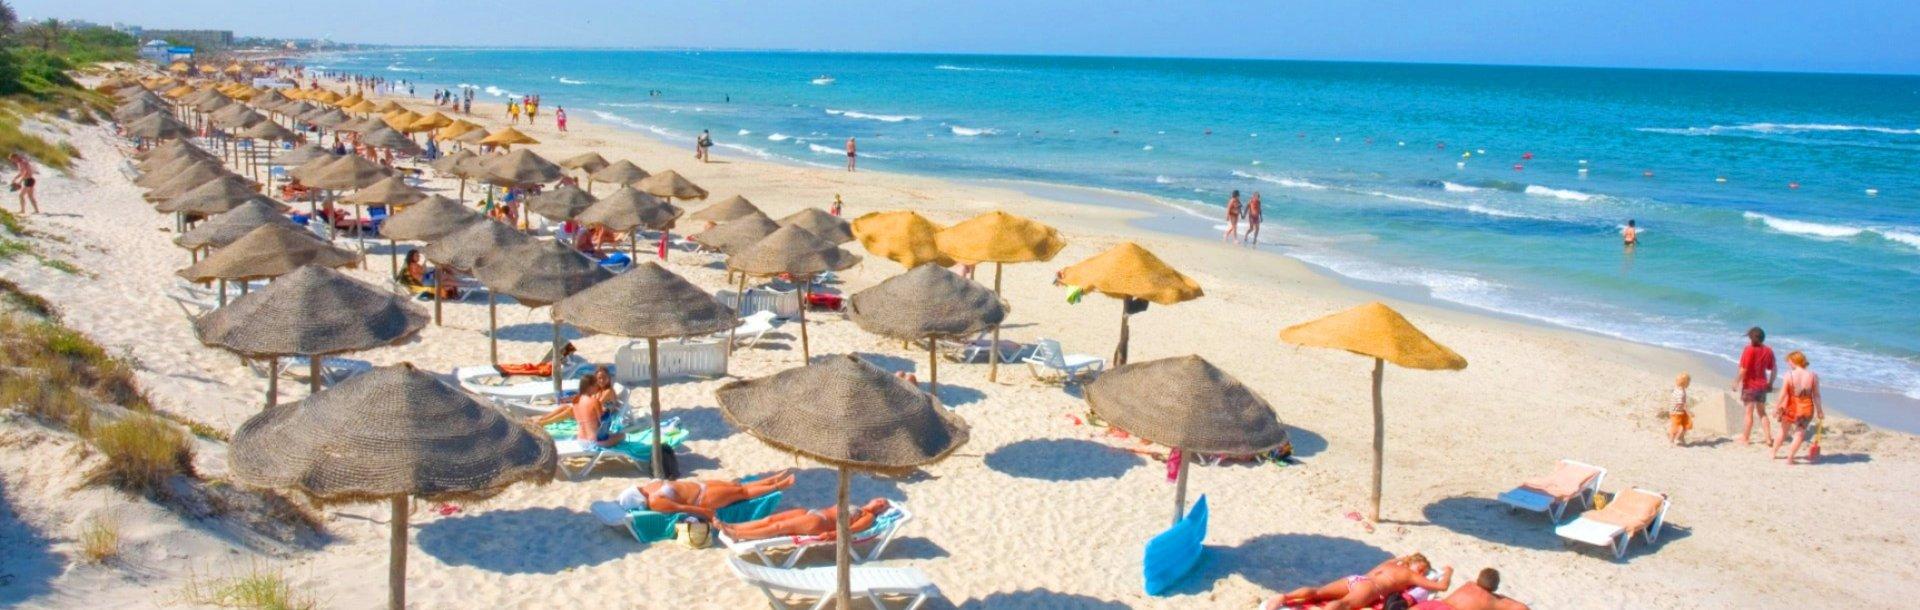 Пляж отеля El Muradi, Махдия